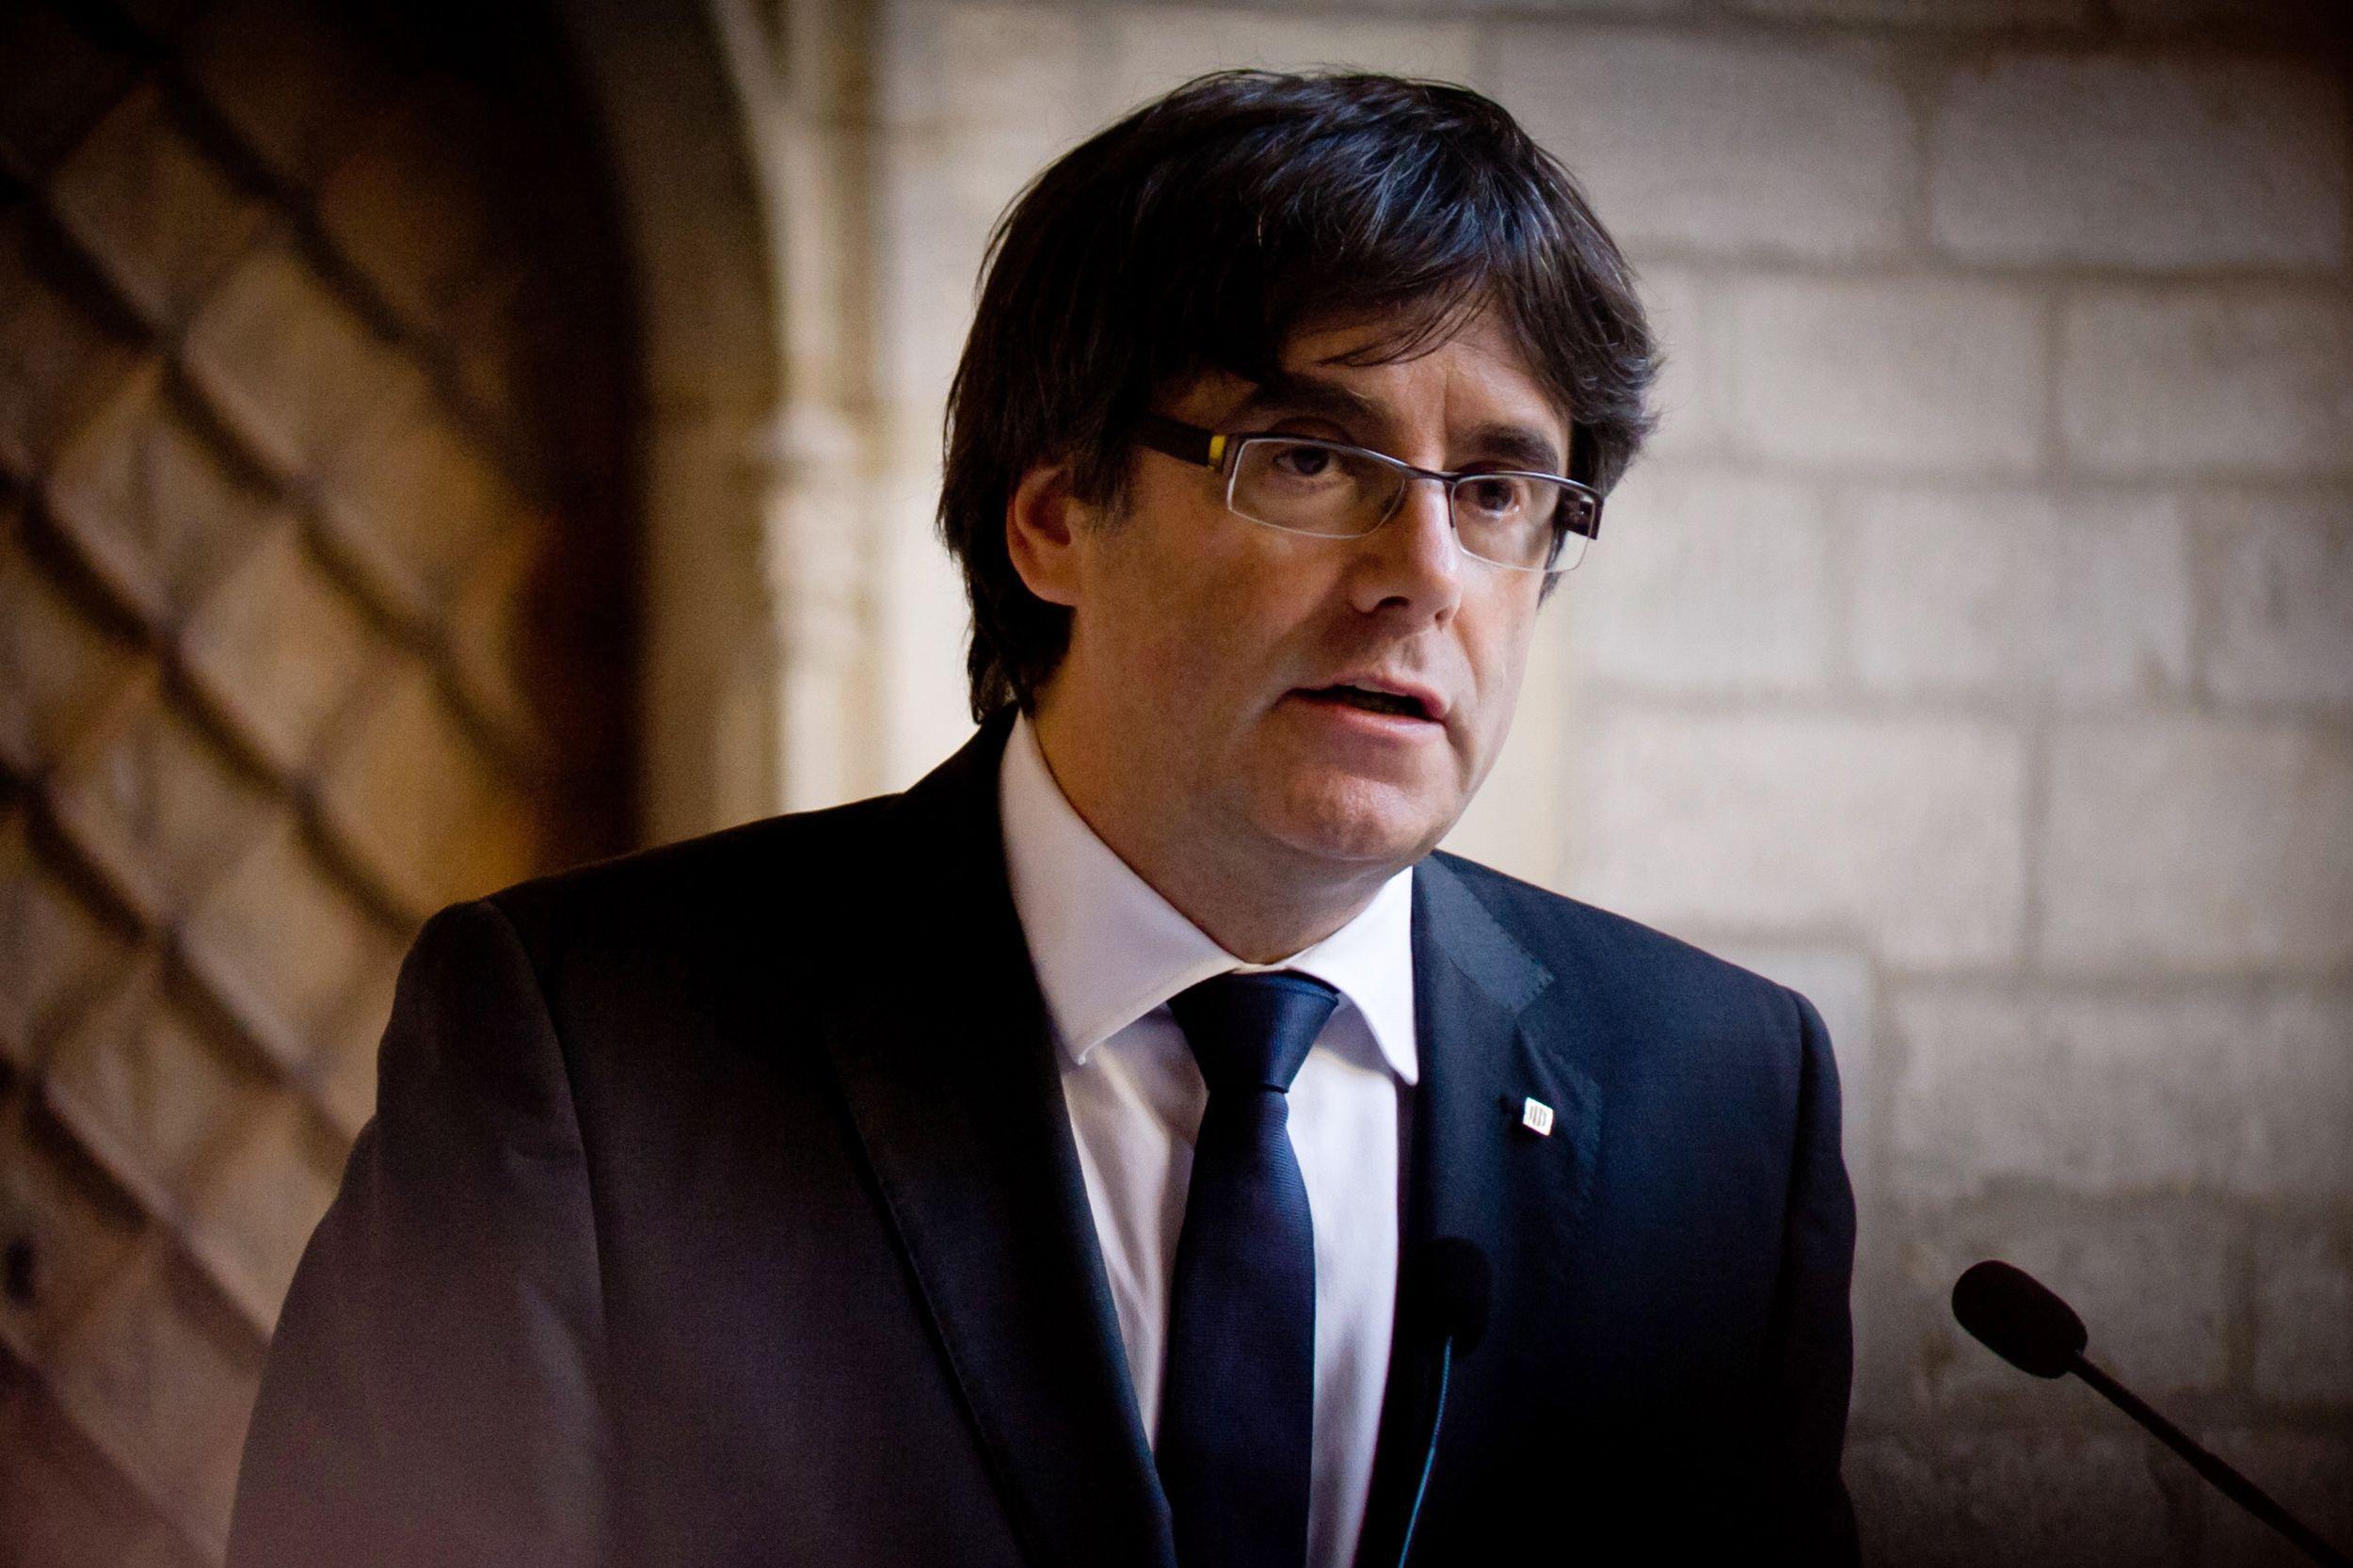 Carles Puigdemont a fost chemat să depună mărturie la Curtea Supremă din Spania